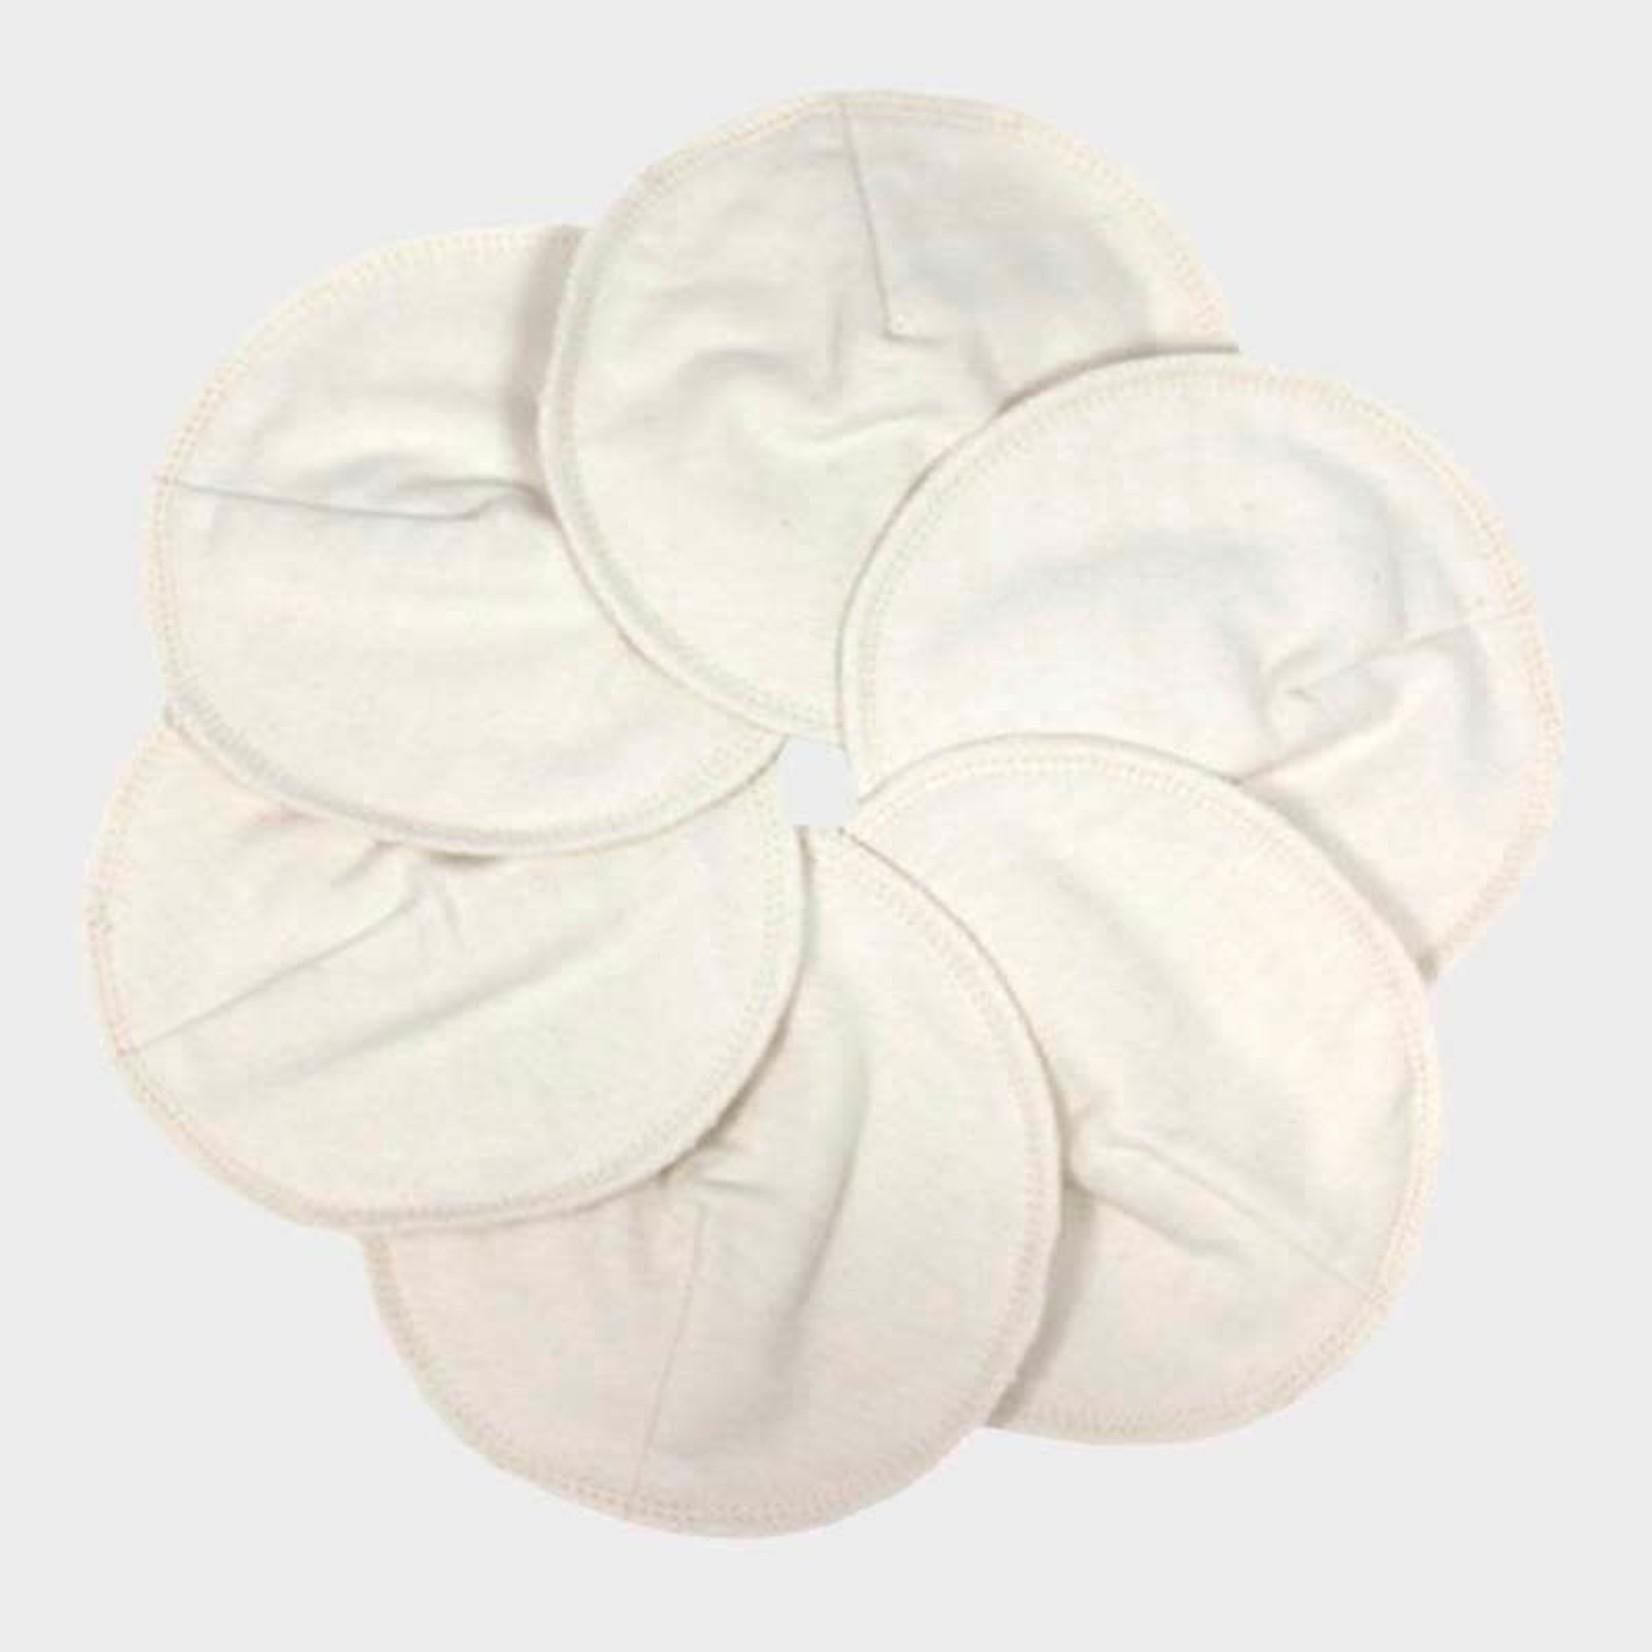 Imse Vimse 3 paar wasbare borstkompressen (Soft & Absorbent)